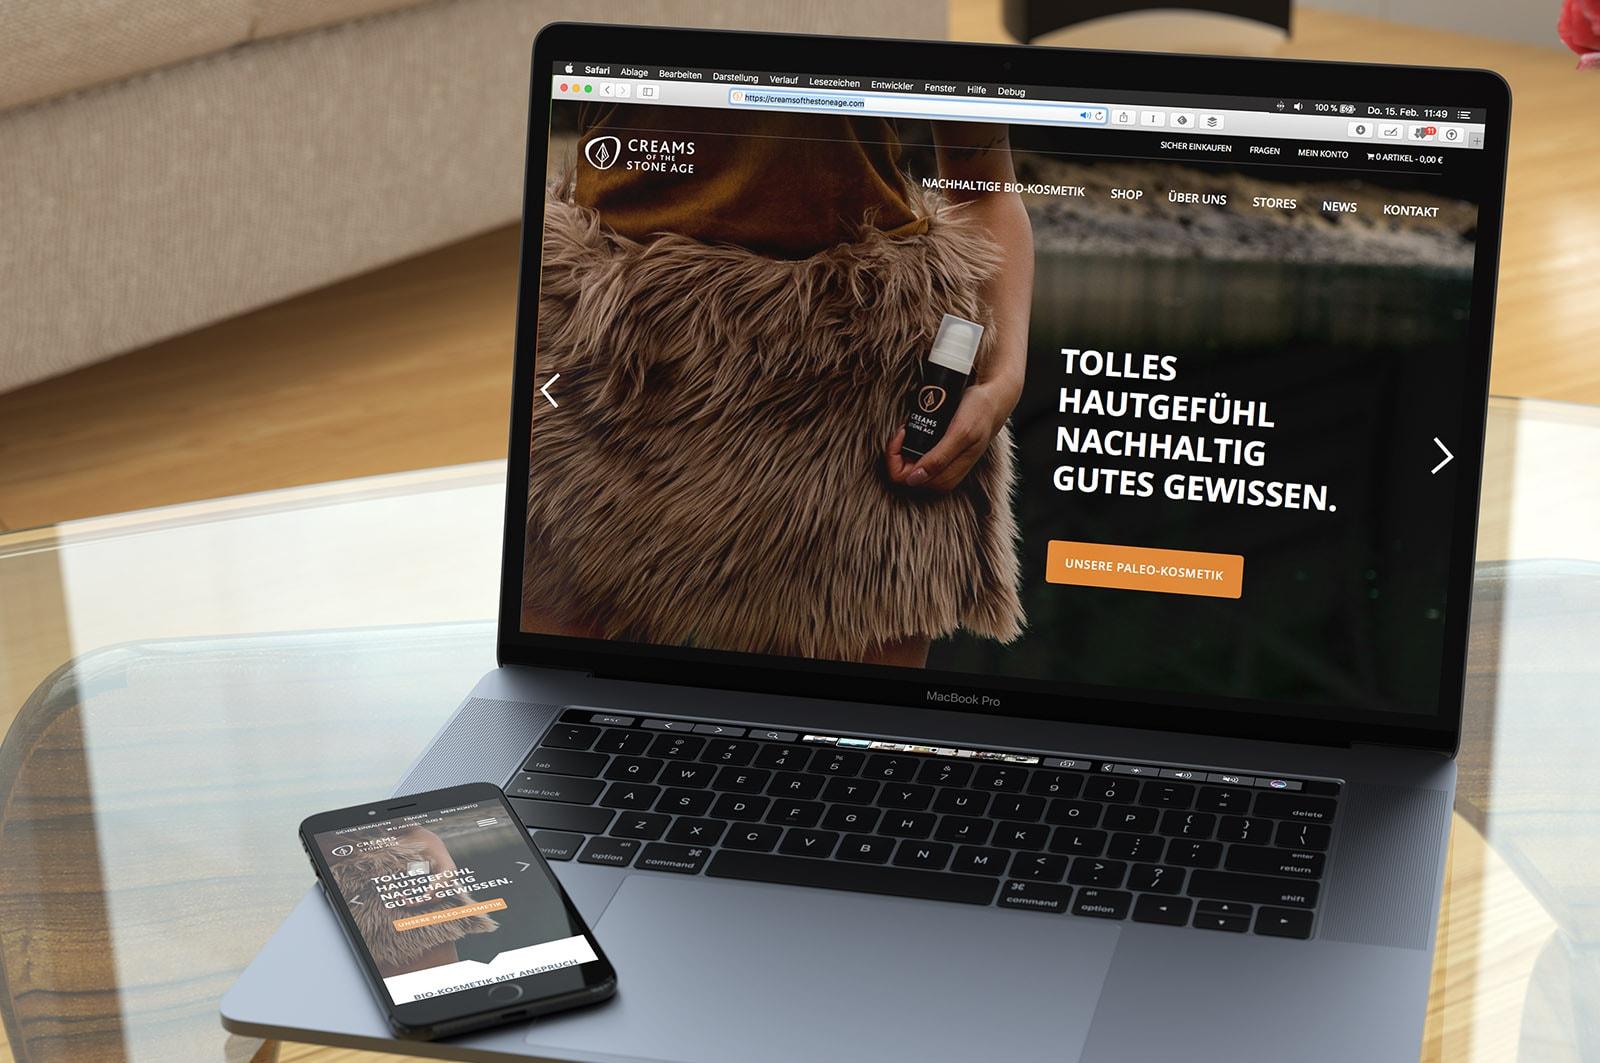 webdesign_csa_mockup